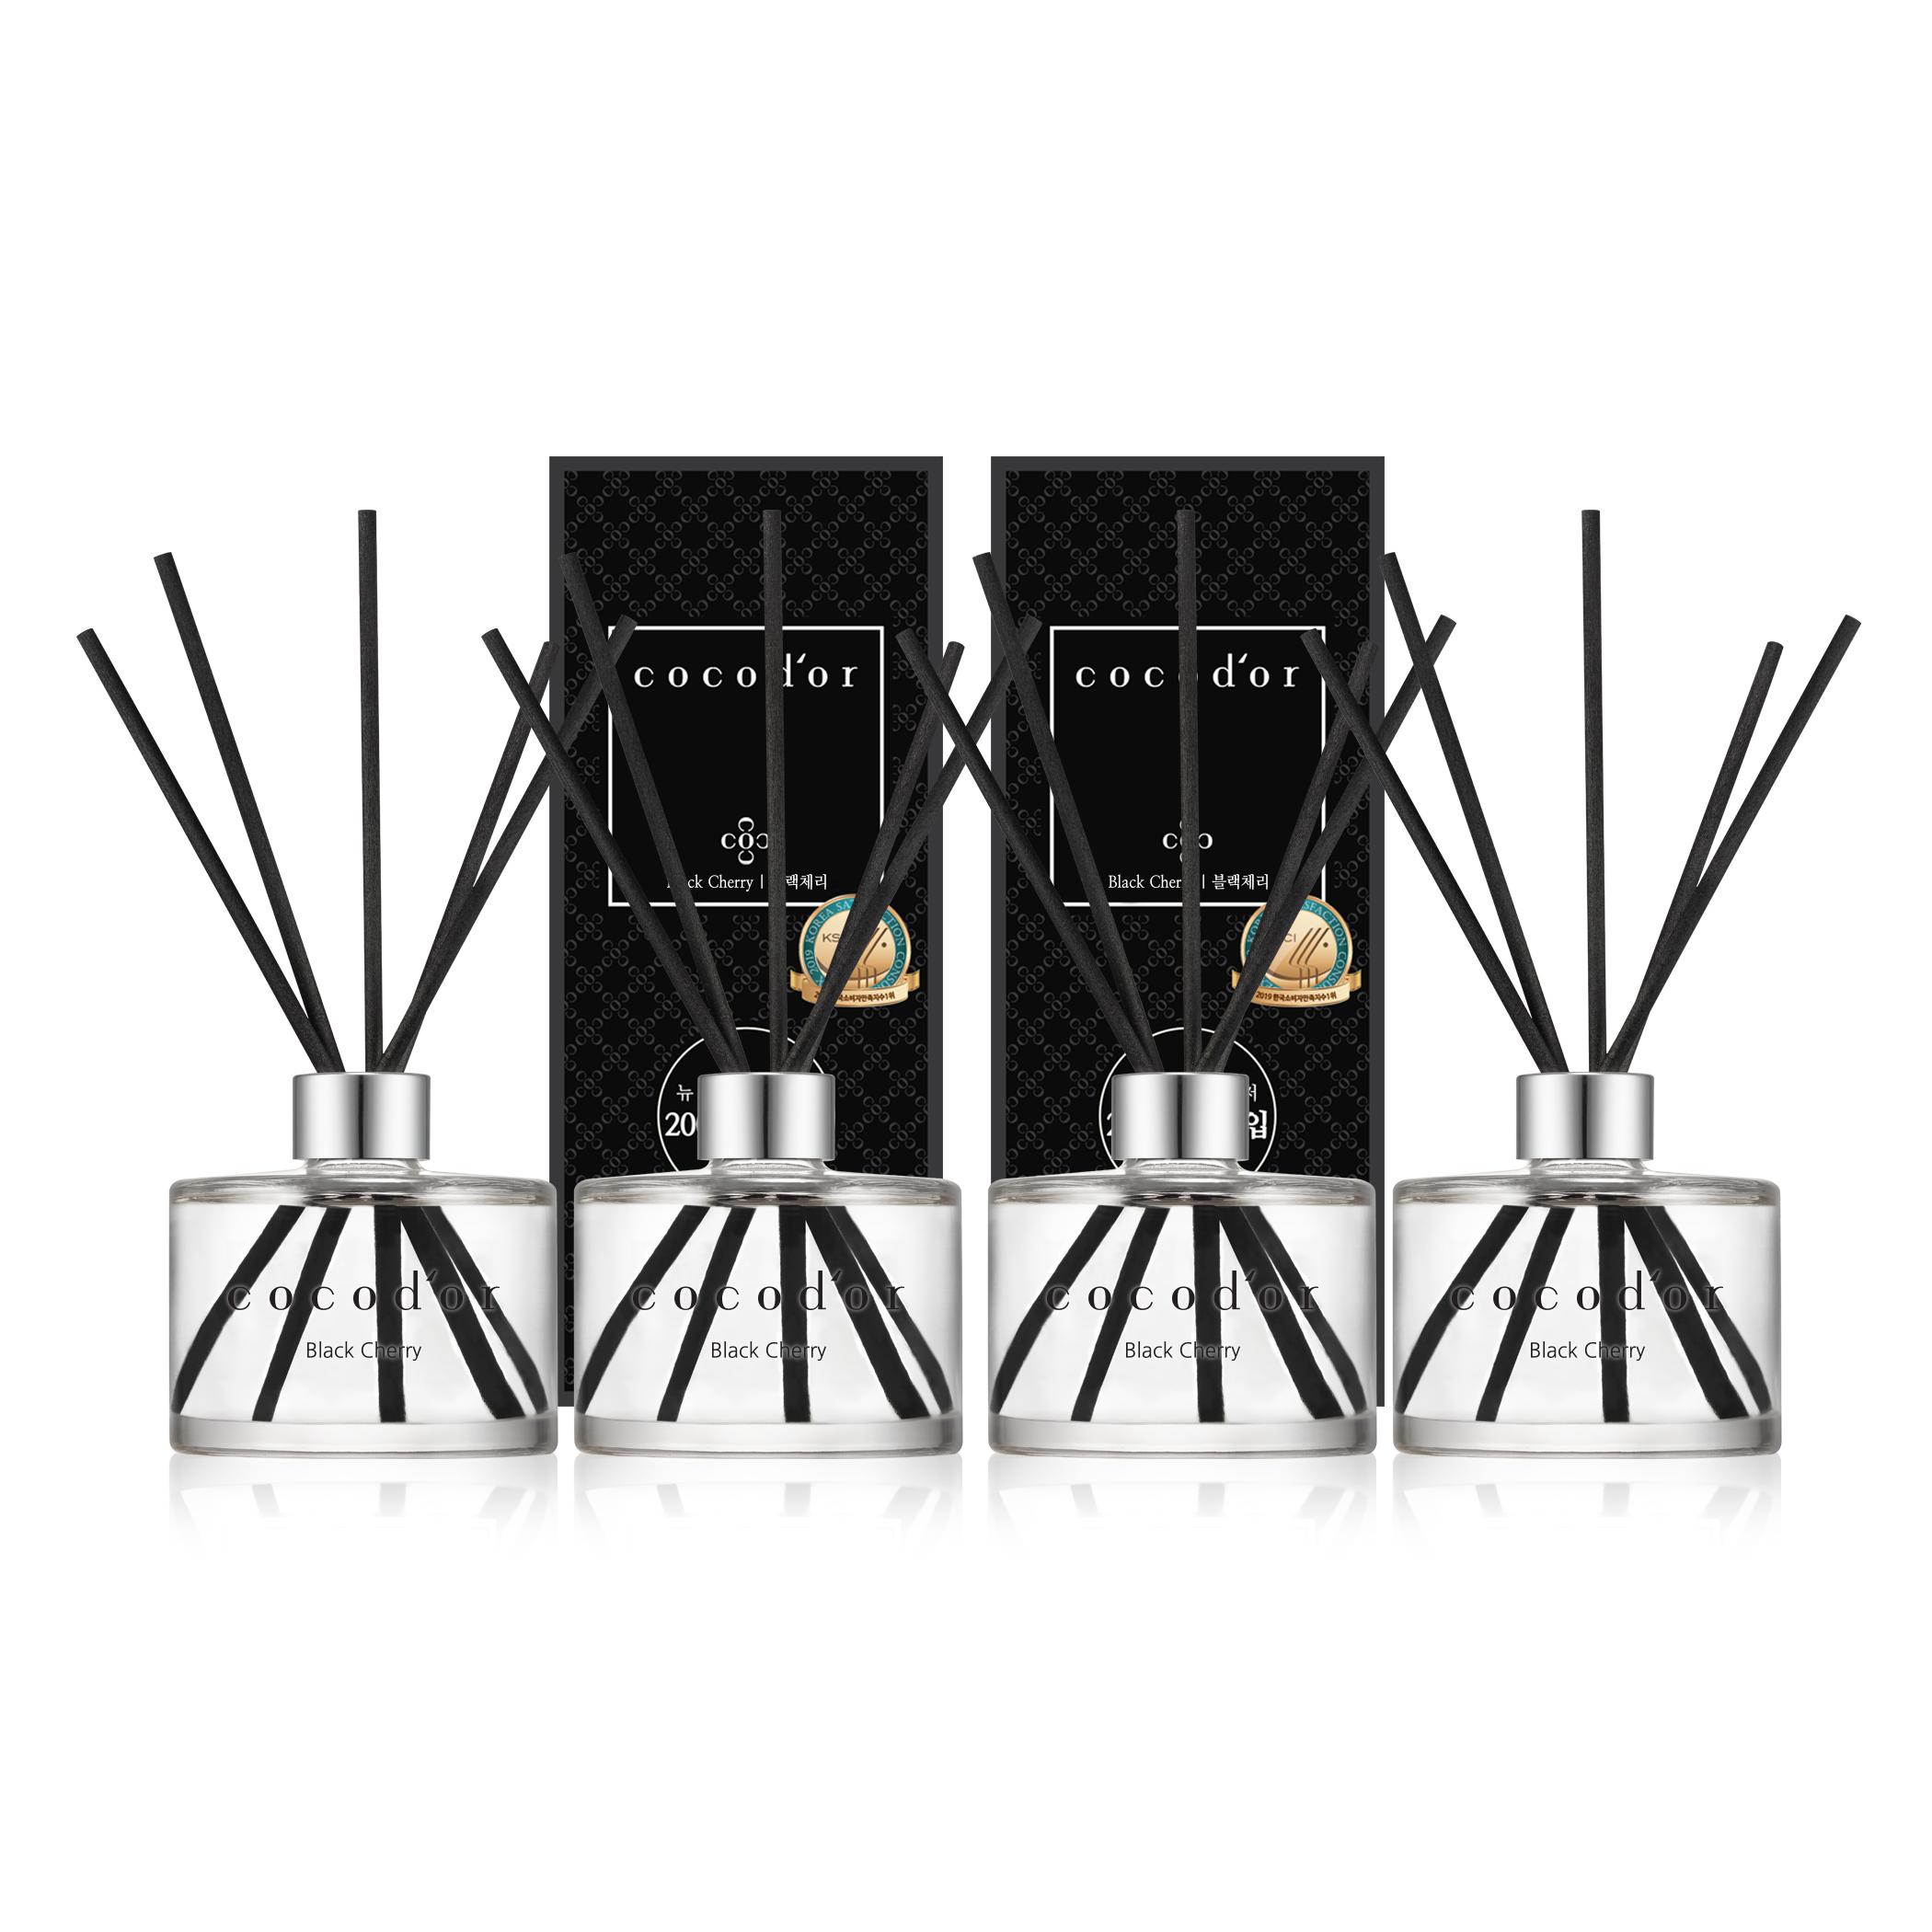 코코도르 뉴 디퓨저 200ml x 4p, 블랙체리